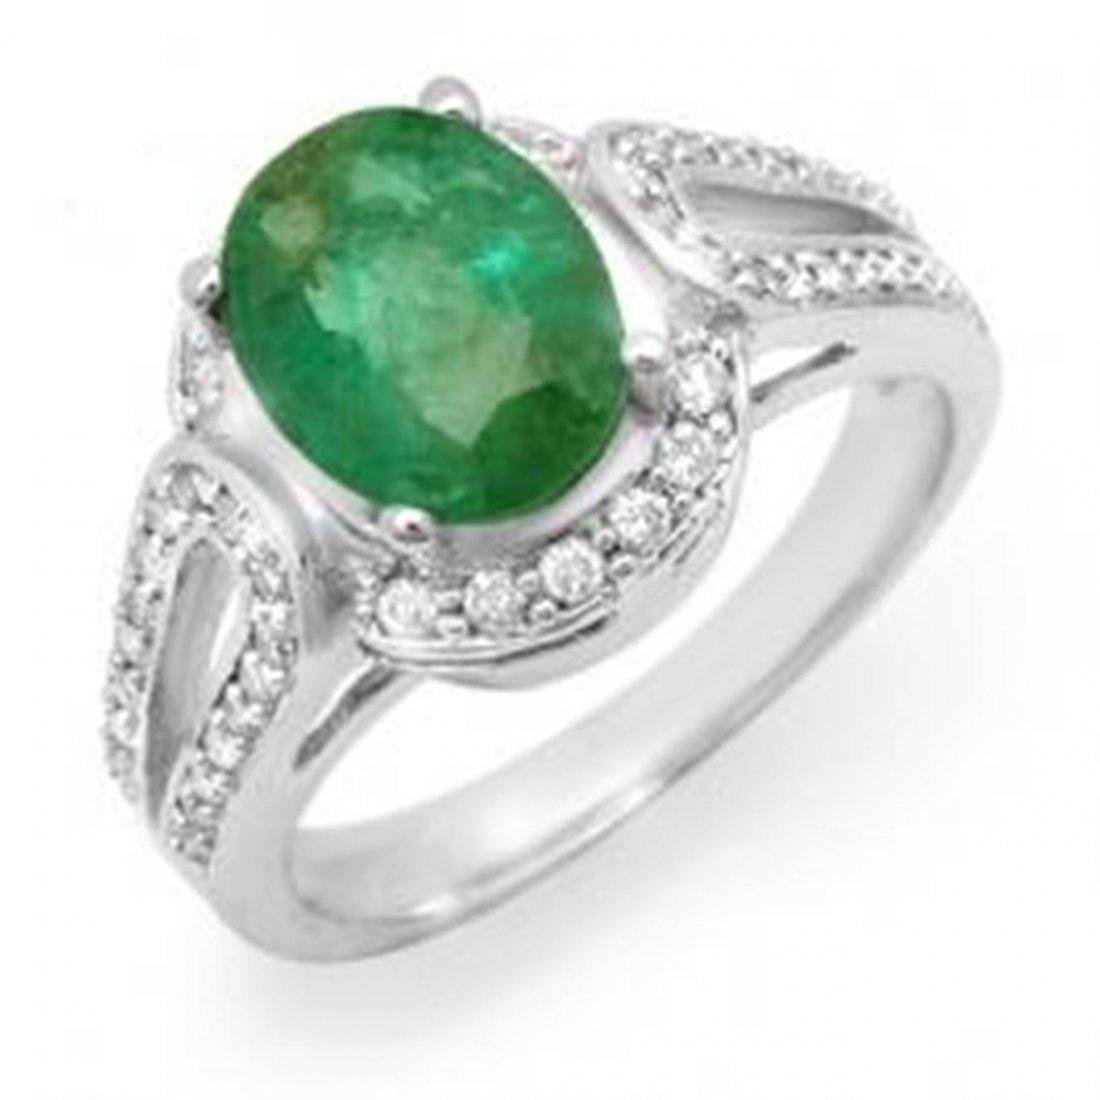 2.50 ctw Emerald & Diamond Ring